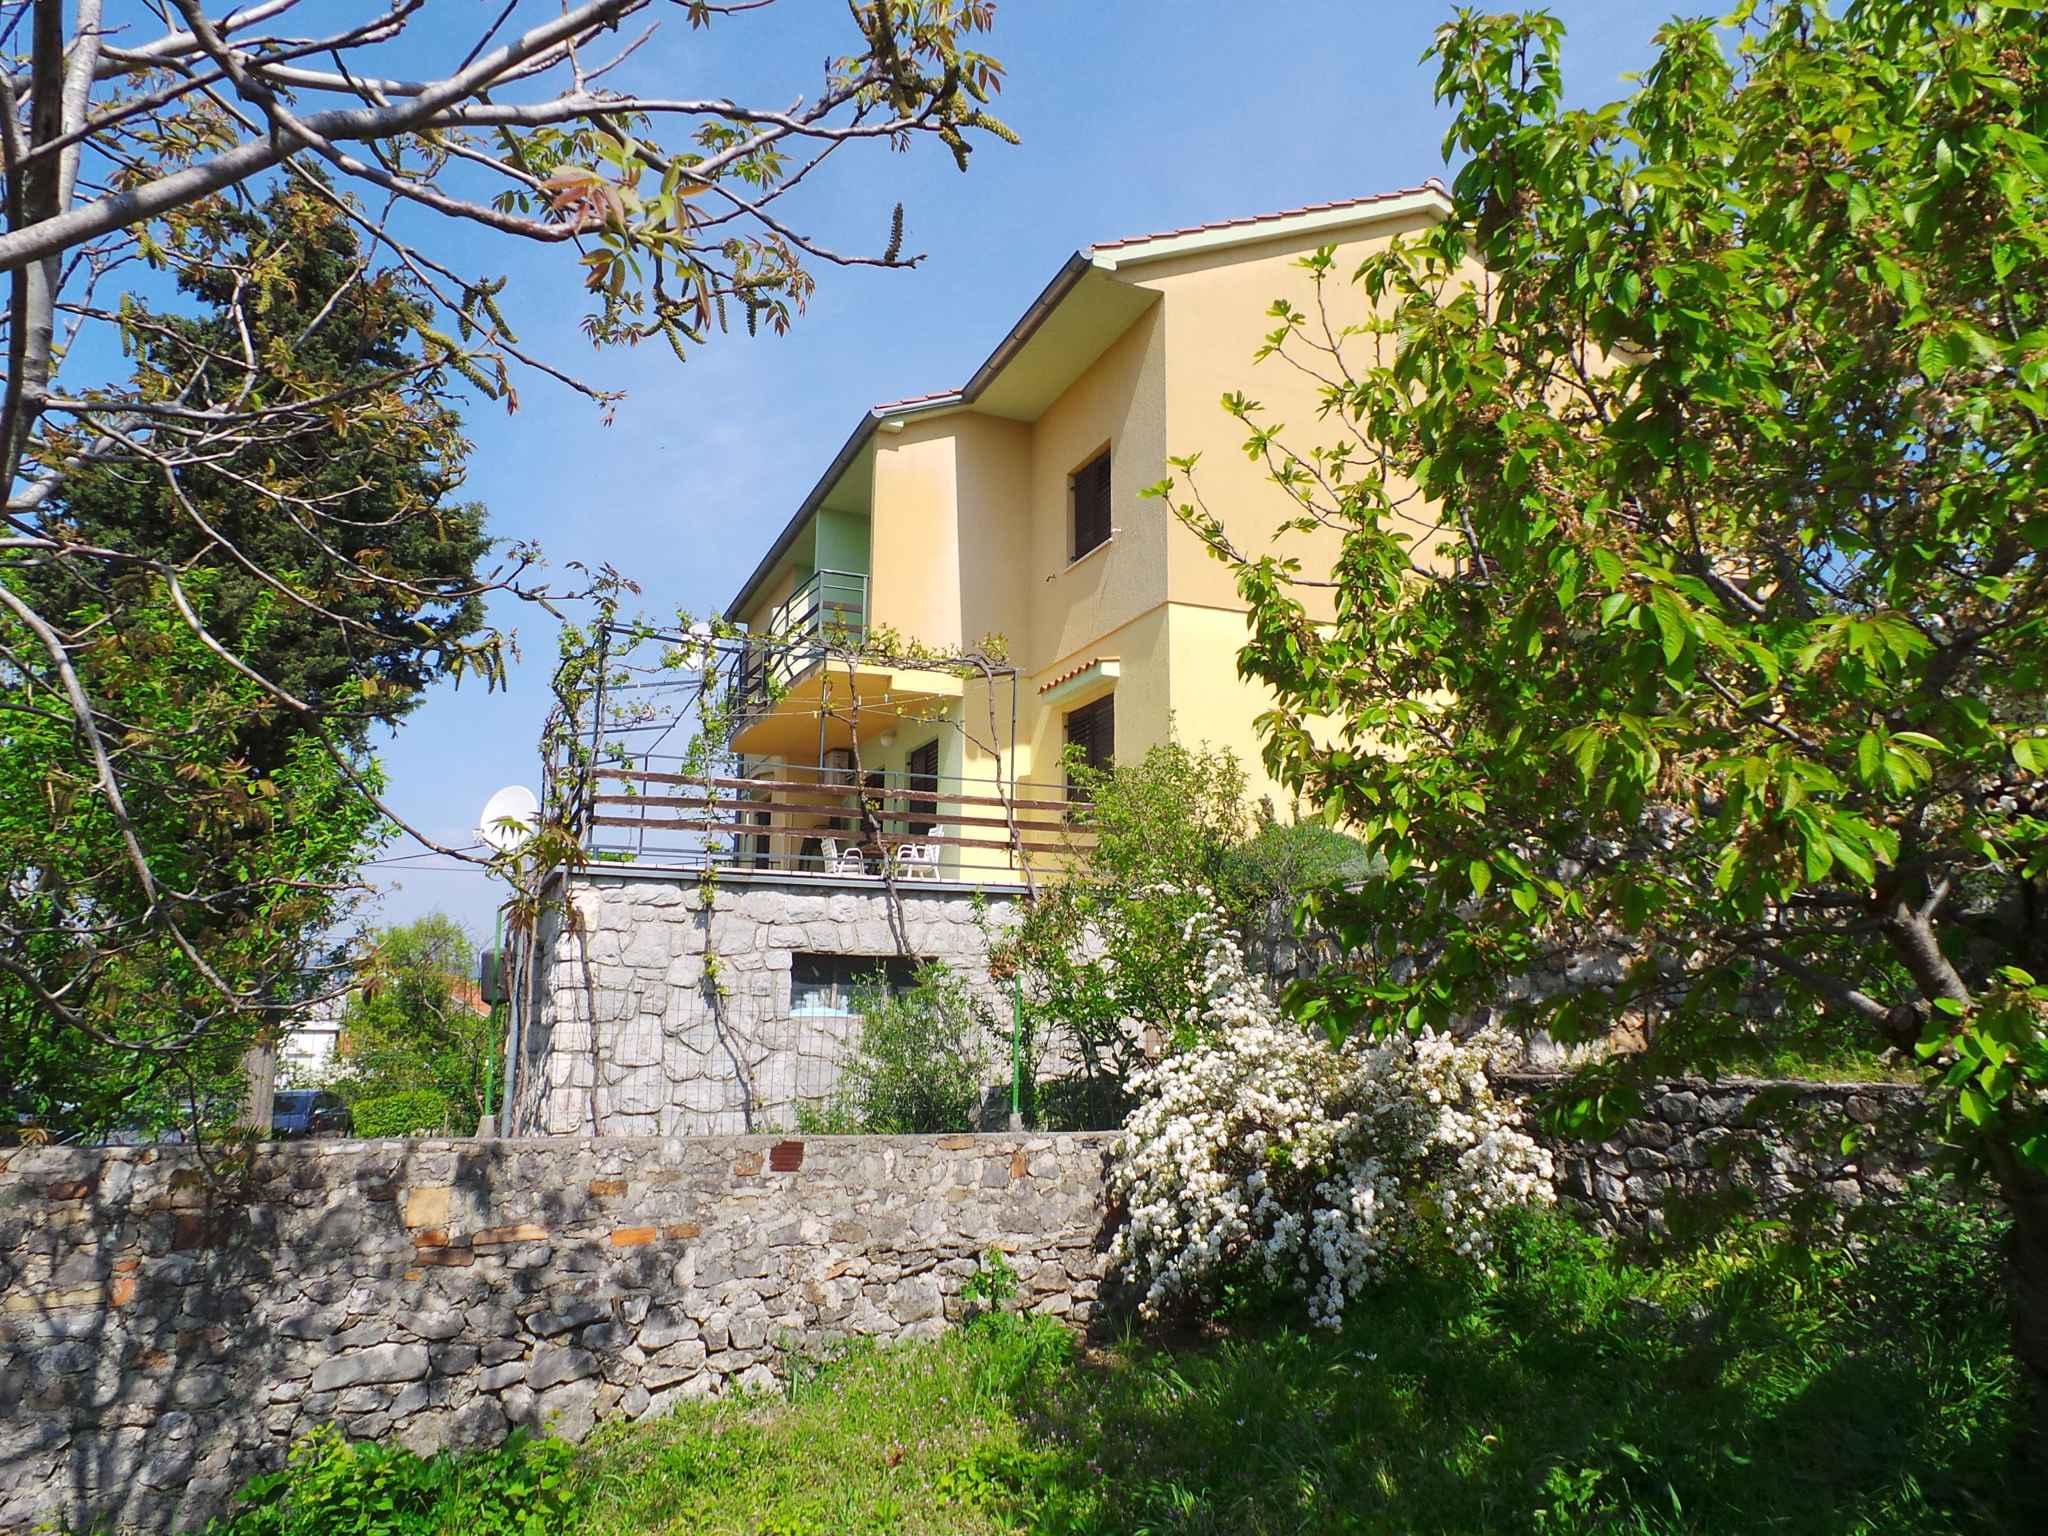 Ferienwohnung mit Meerblick und Grillmöglichkeit (968403), Kraljevica, , Kvarner, Kroatien, Bild 5